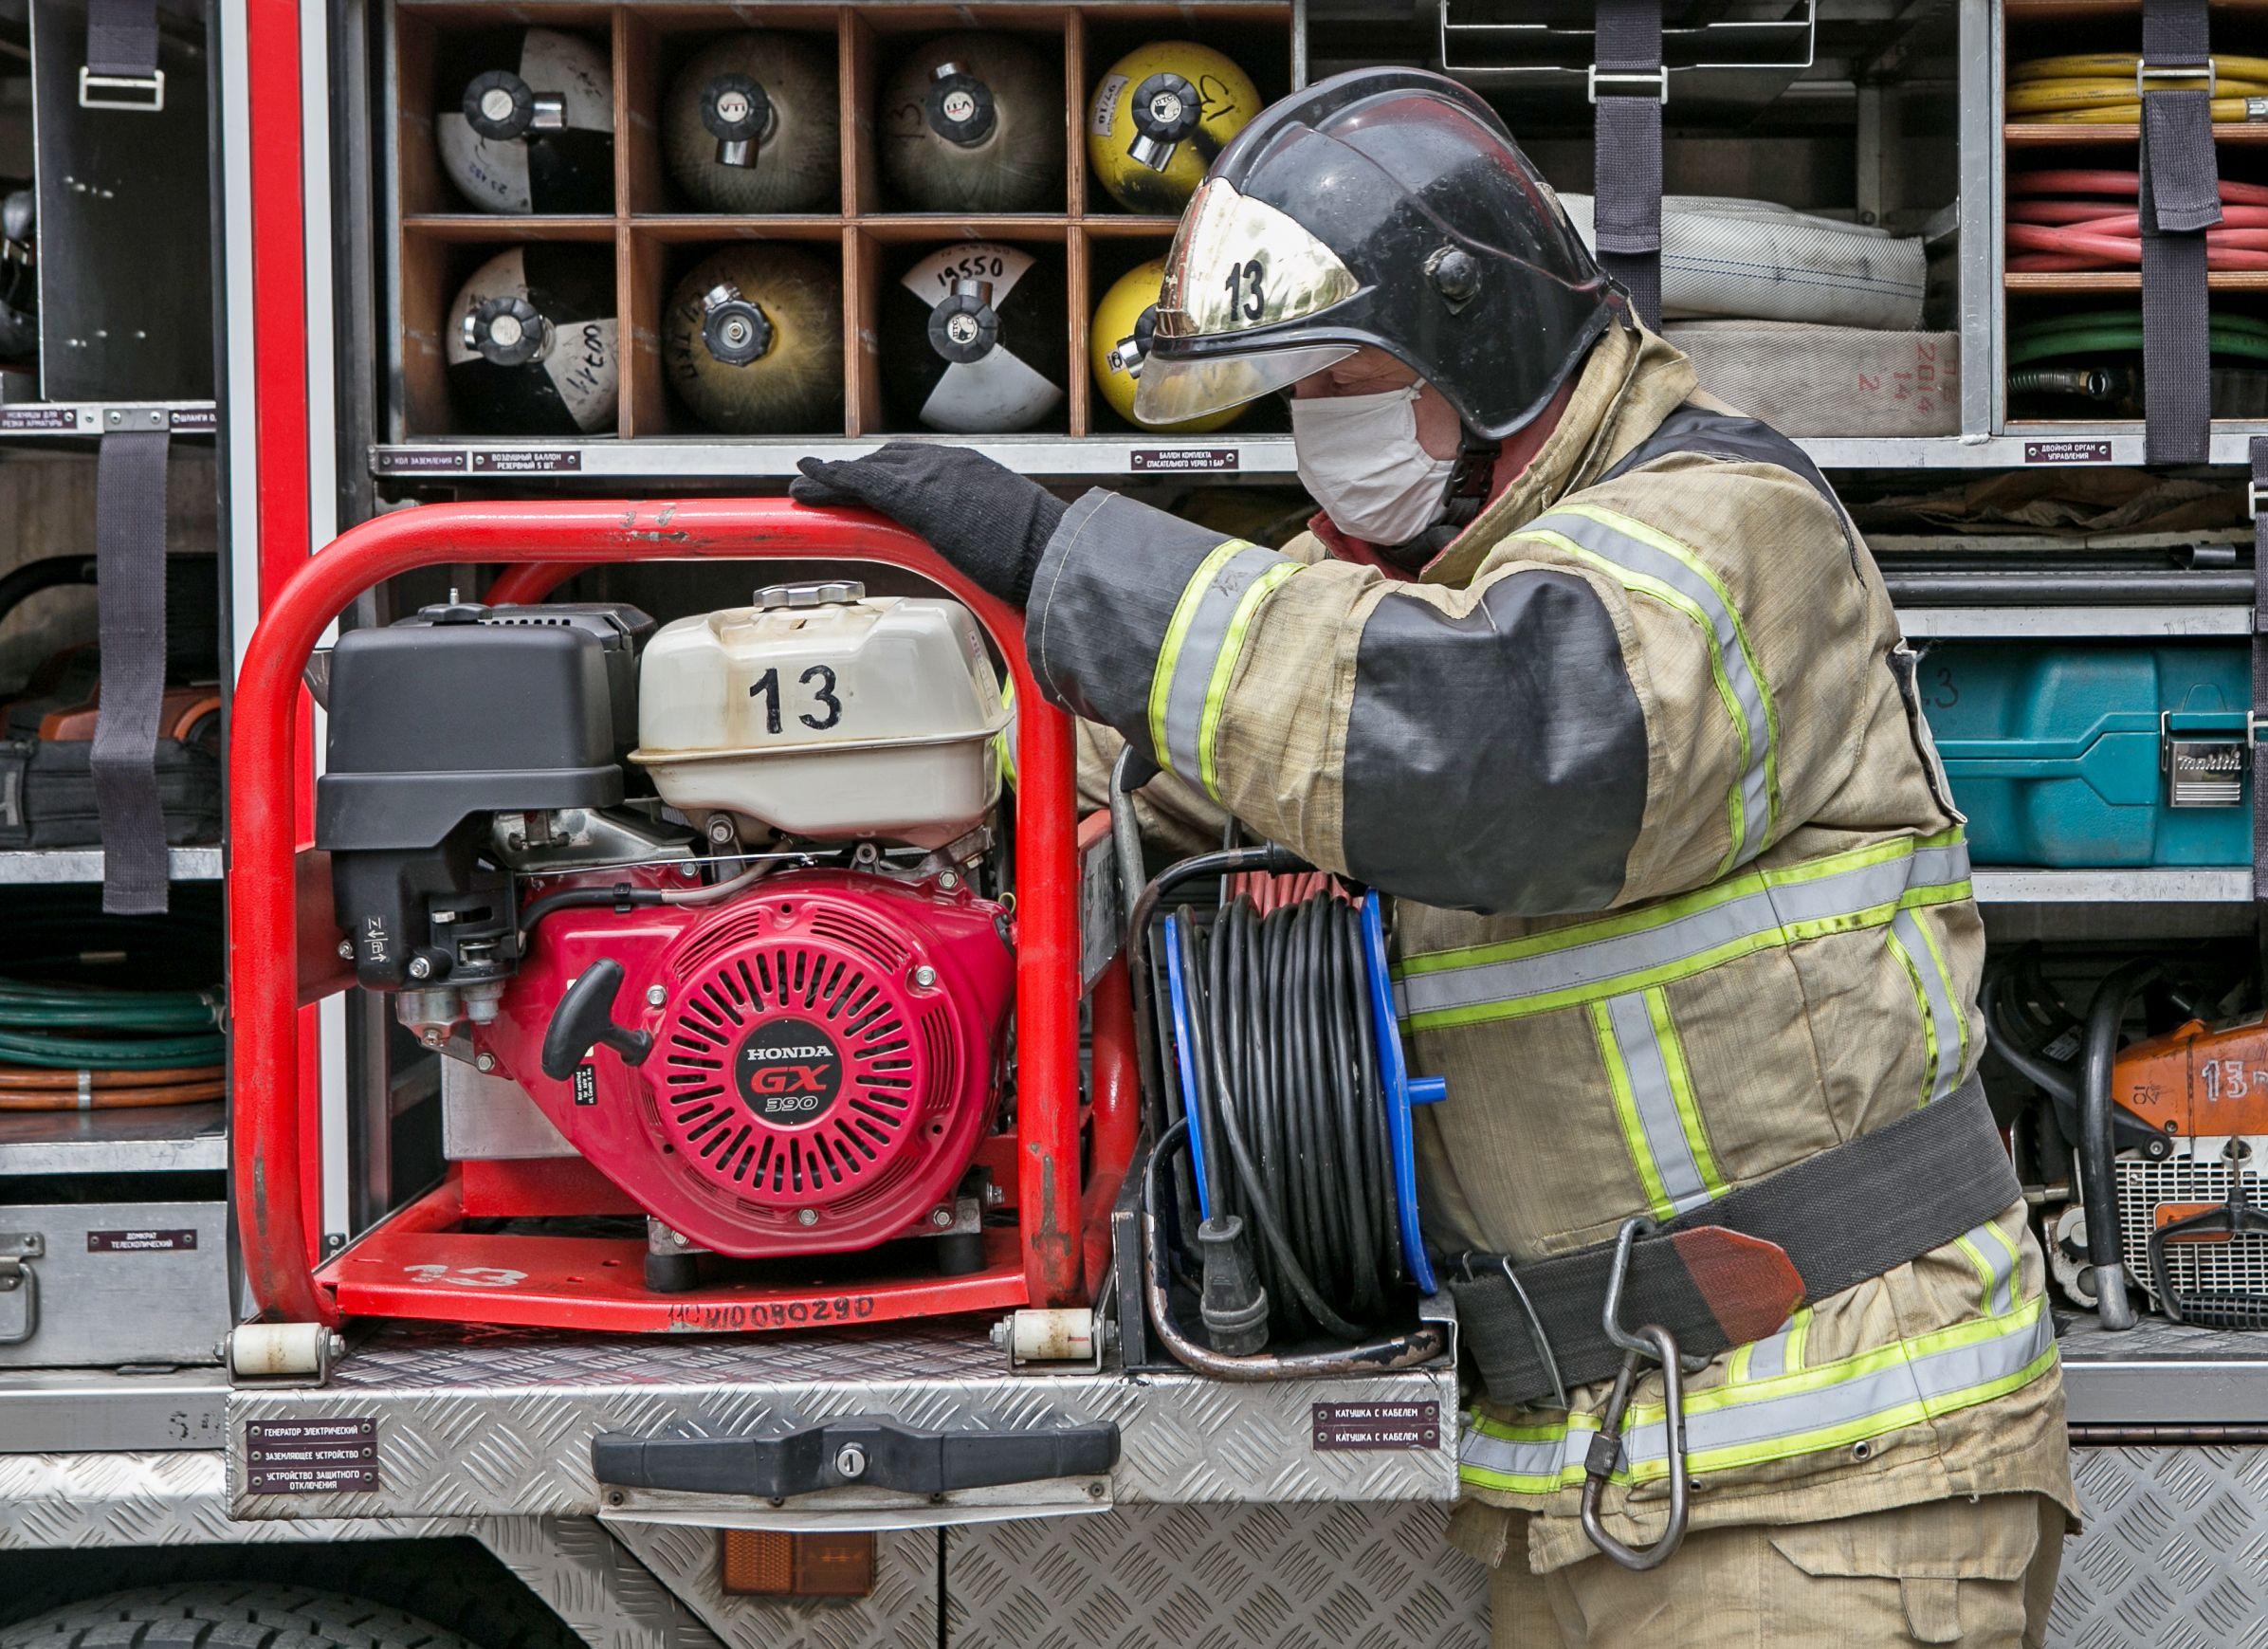 МЧС спасло человека из пожара на юге Москвы